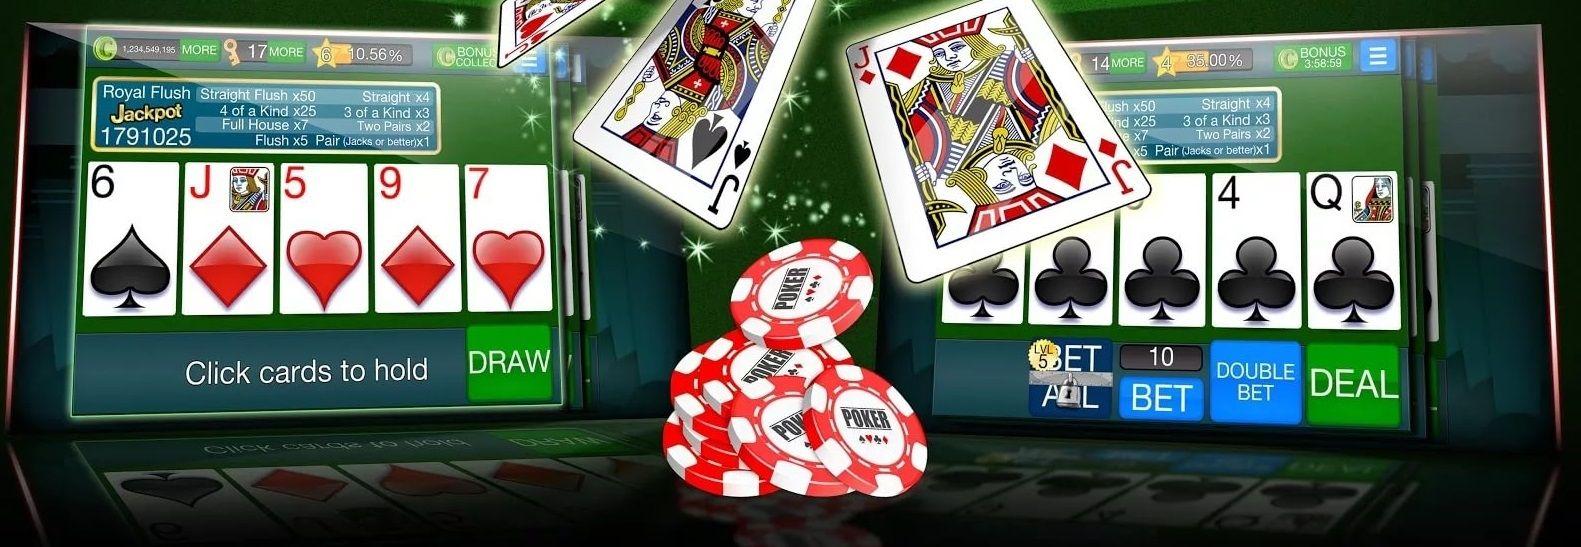 Вулкан казино техасский покер закон о казино в беларуси